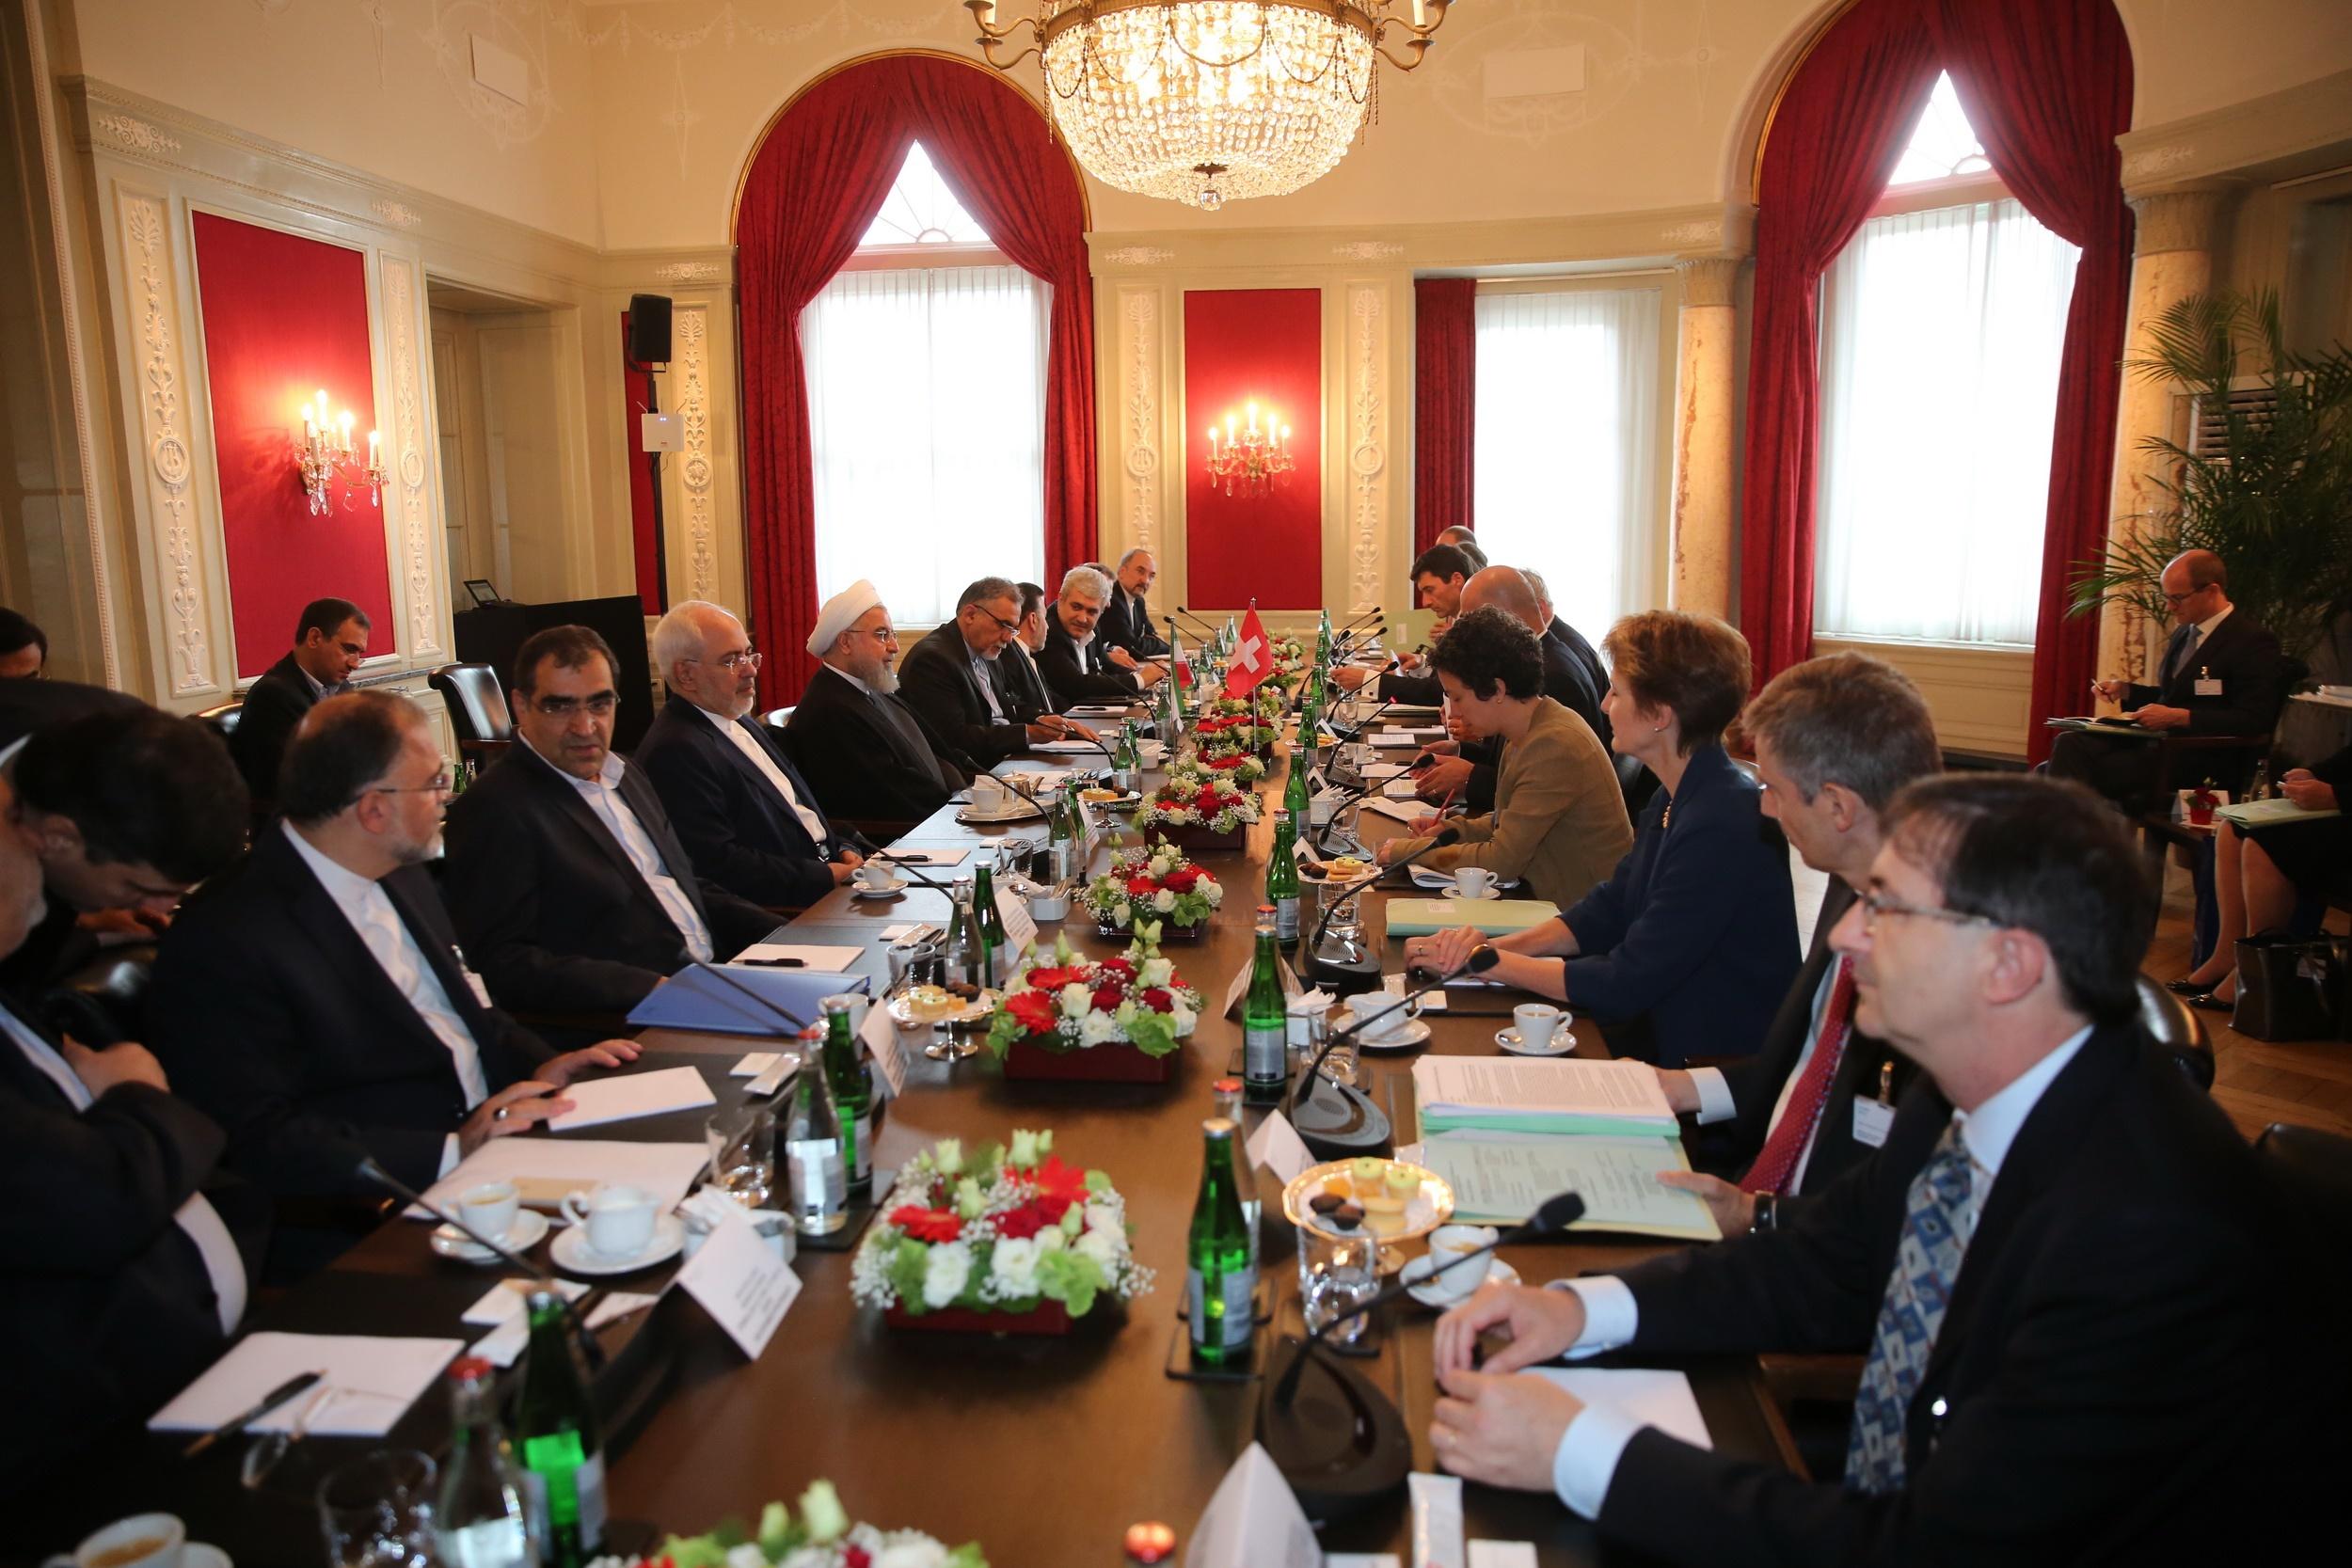 روابط تاریخی تهران - برن متکی بر منافع دو جانبه و همکاری بینالمللی است